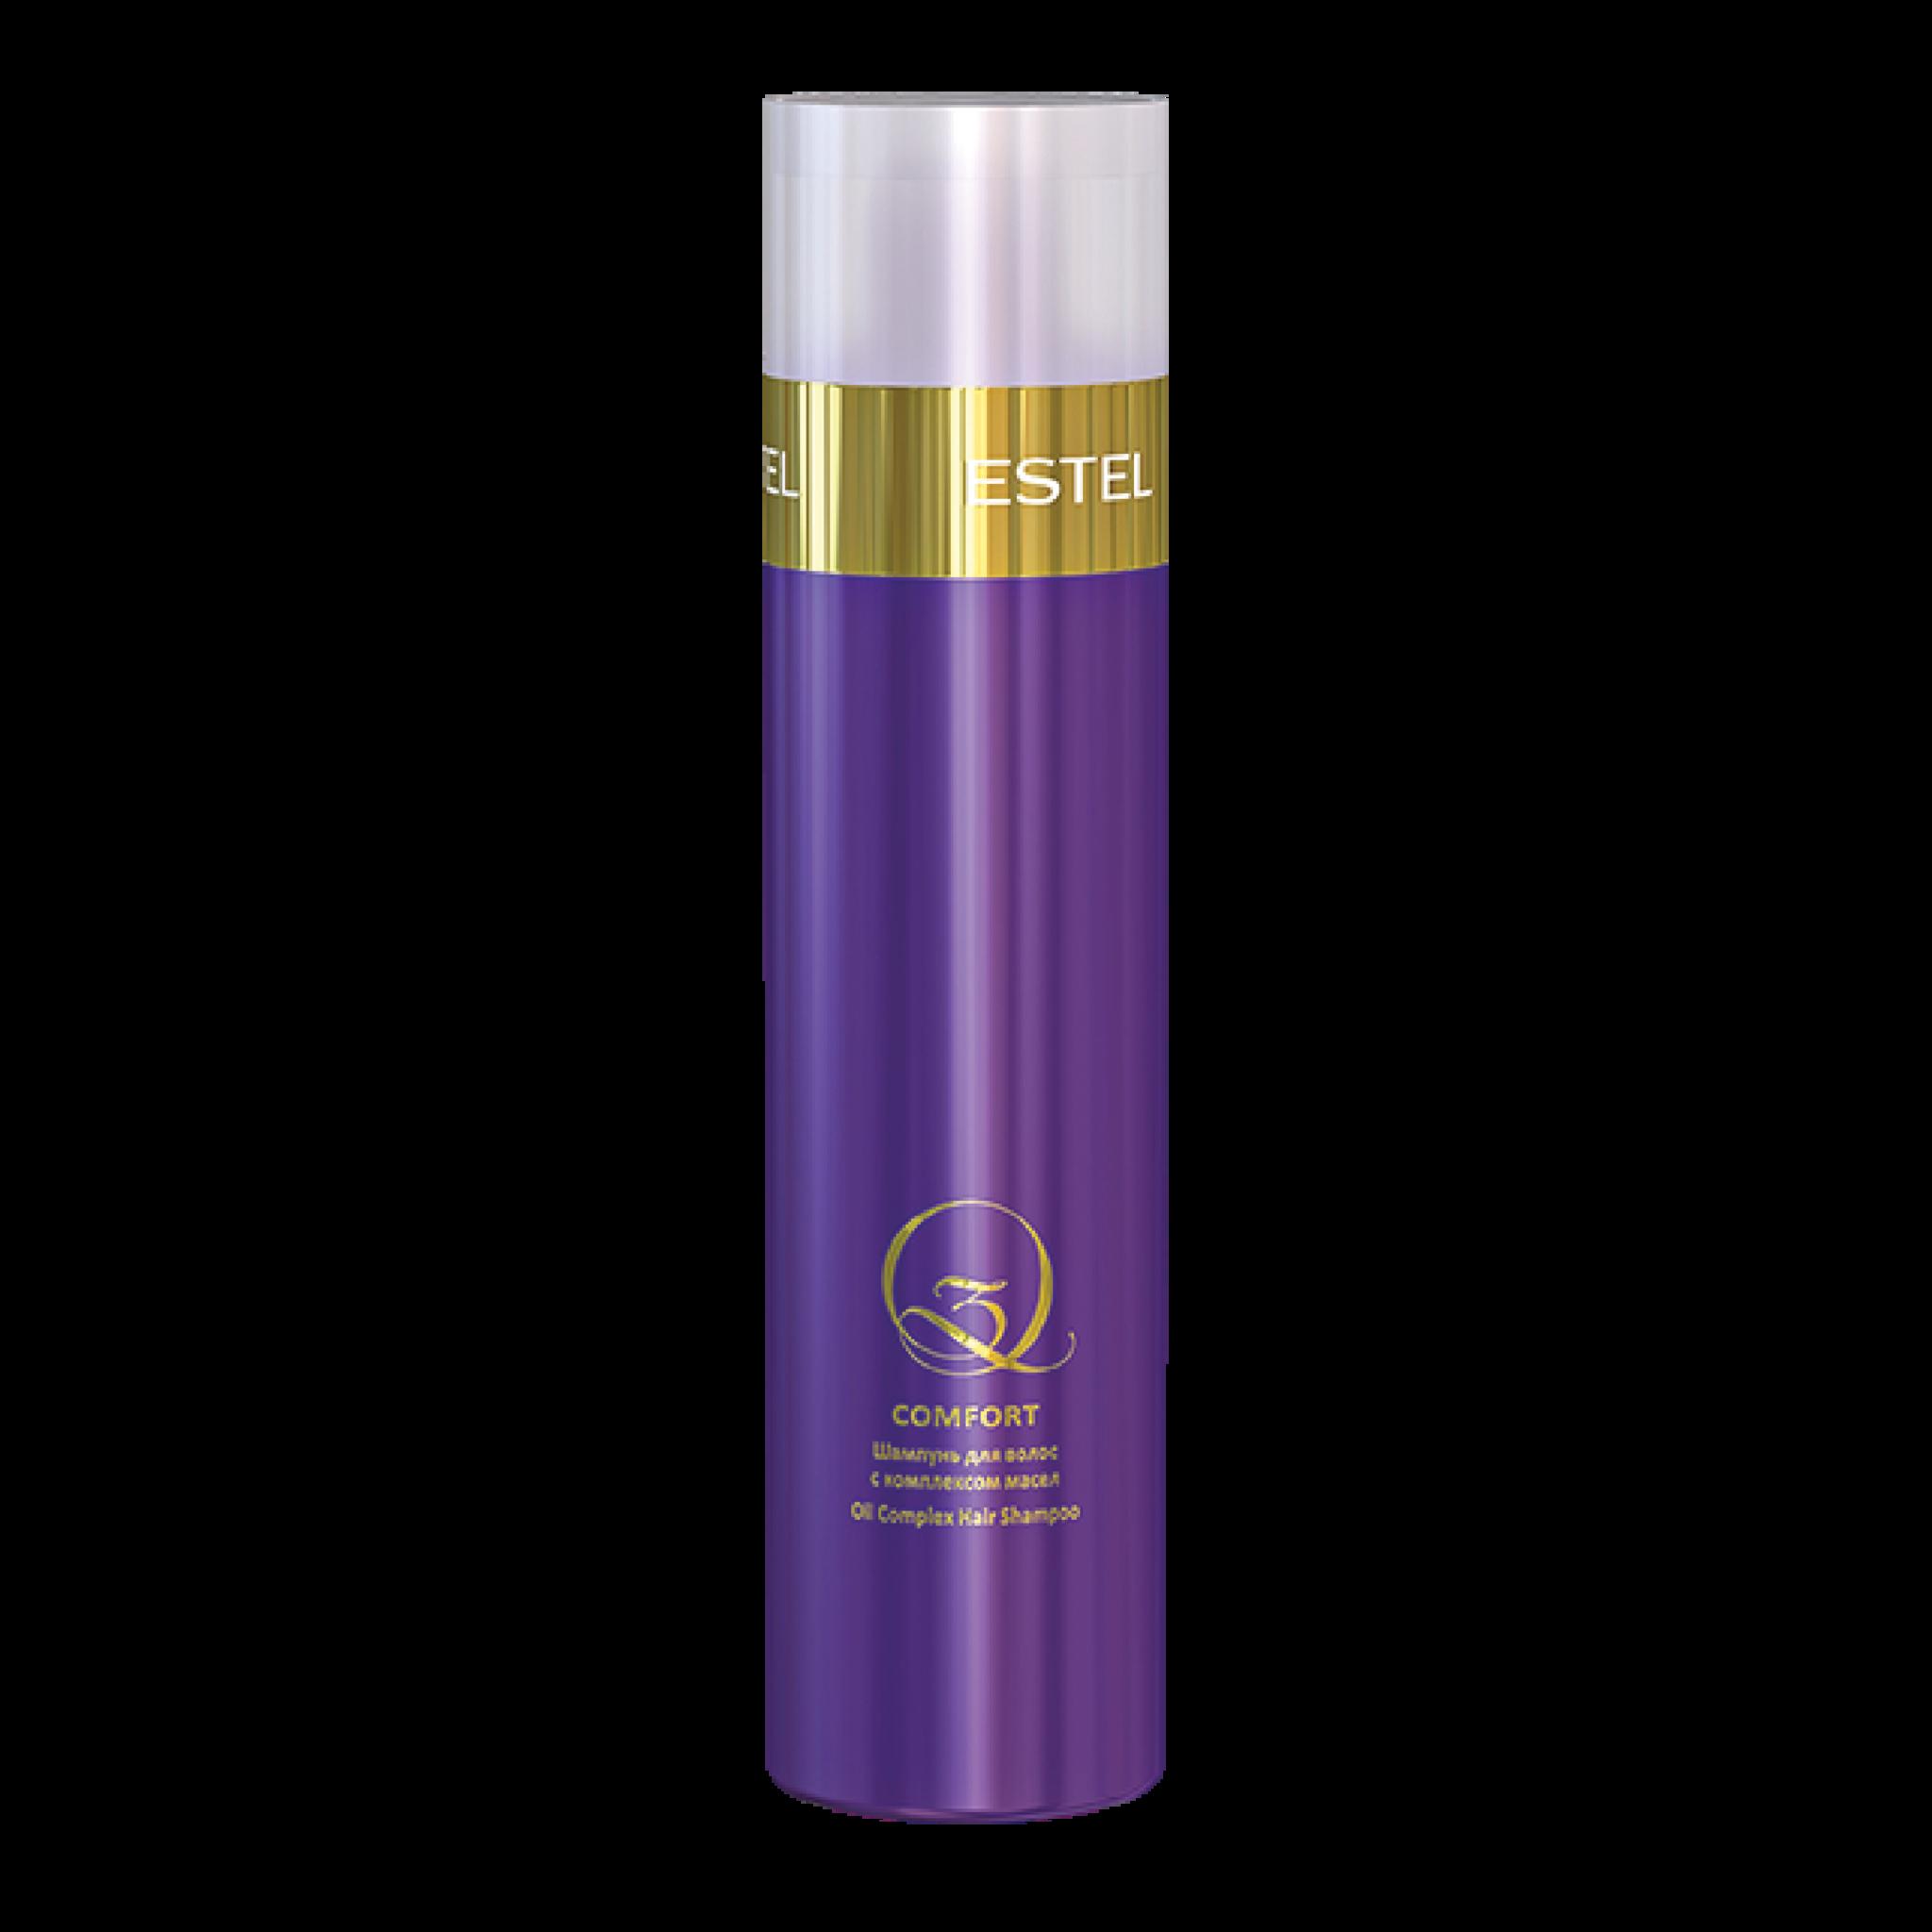 Шампунь для волос с комплексом масел Q3 COMFORT, 250 мл